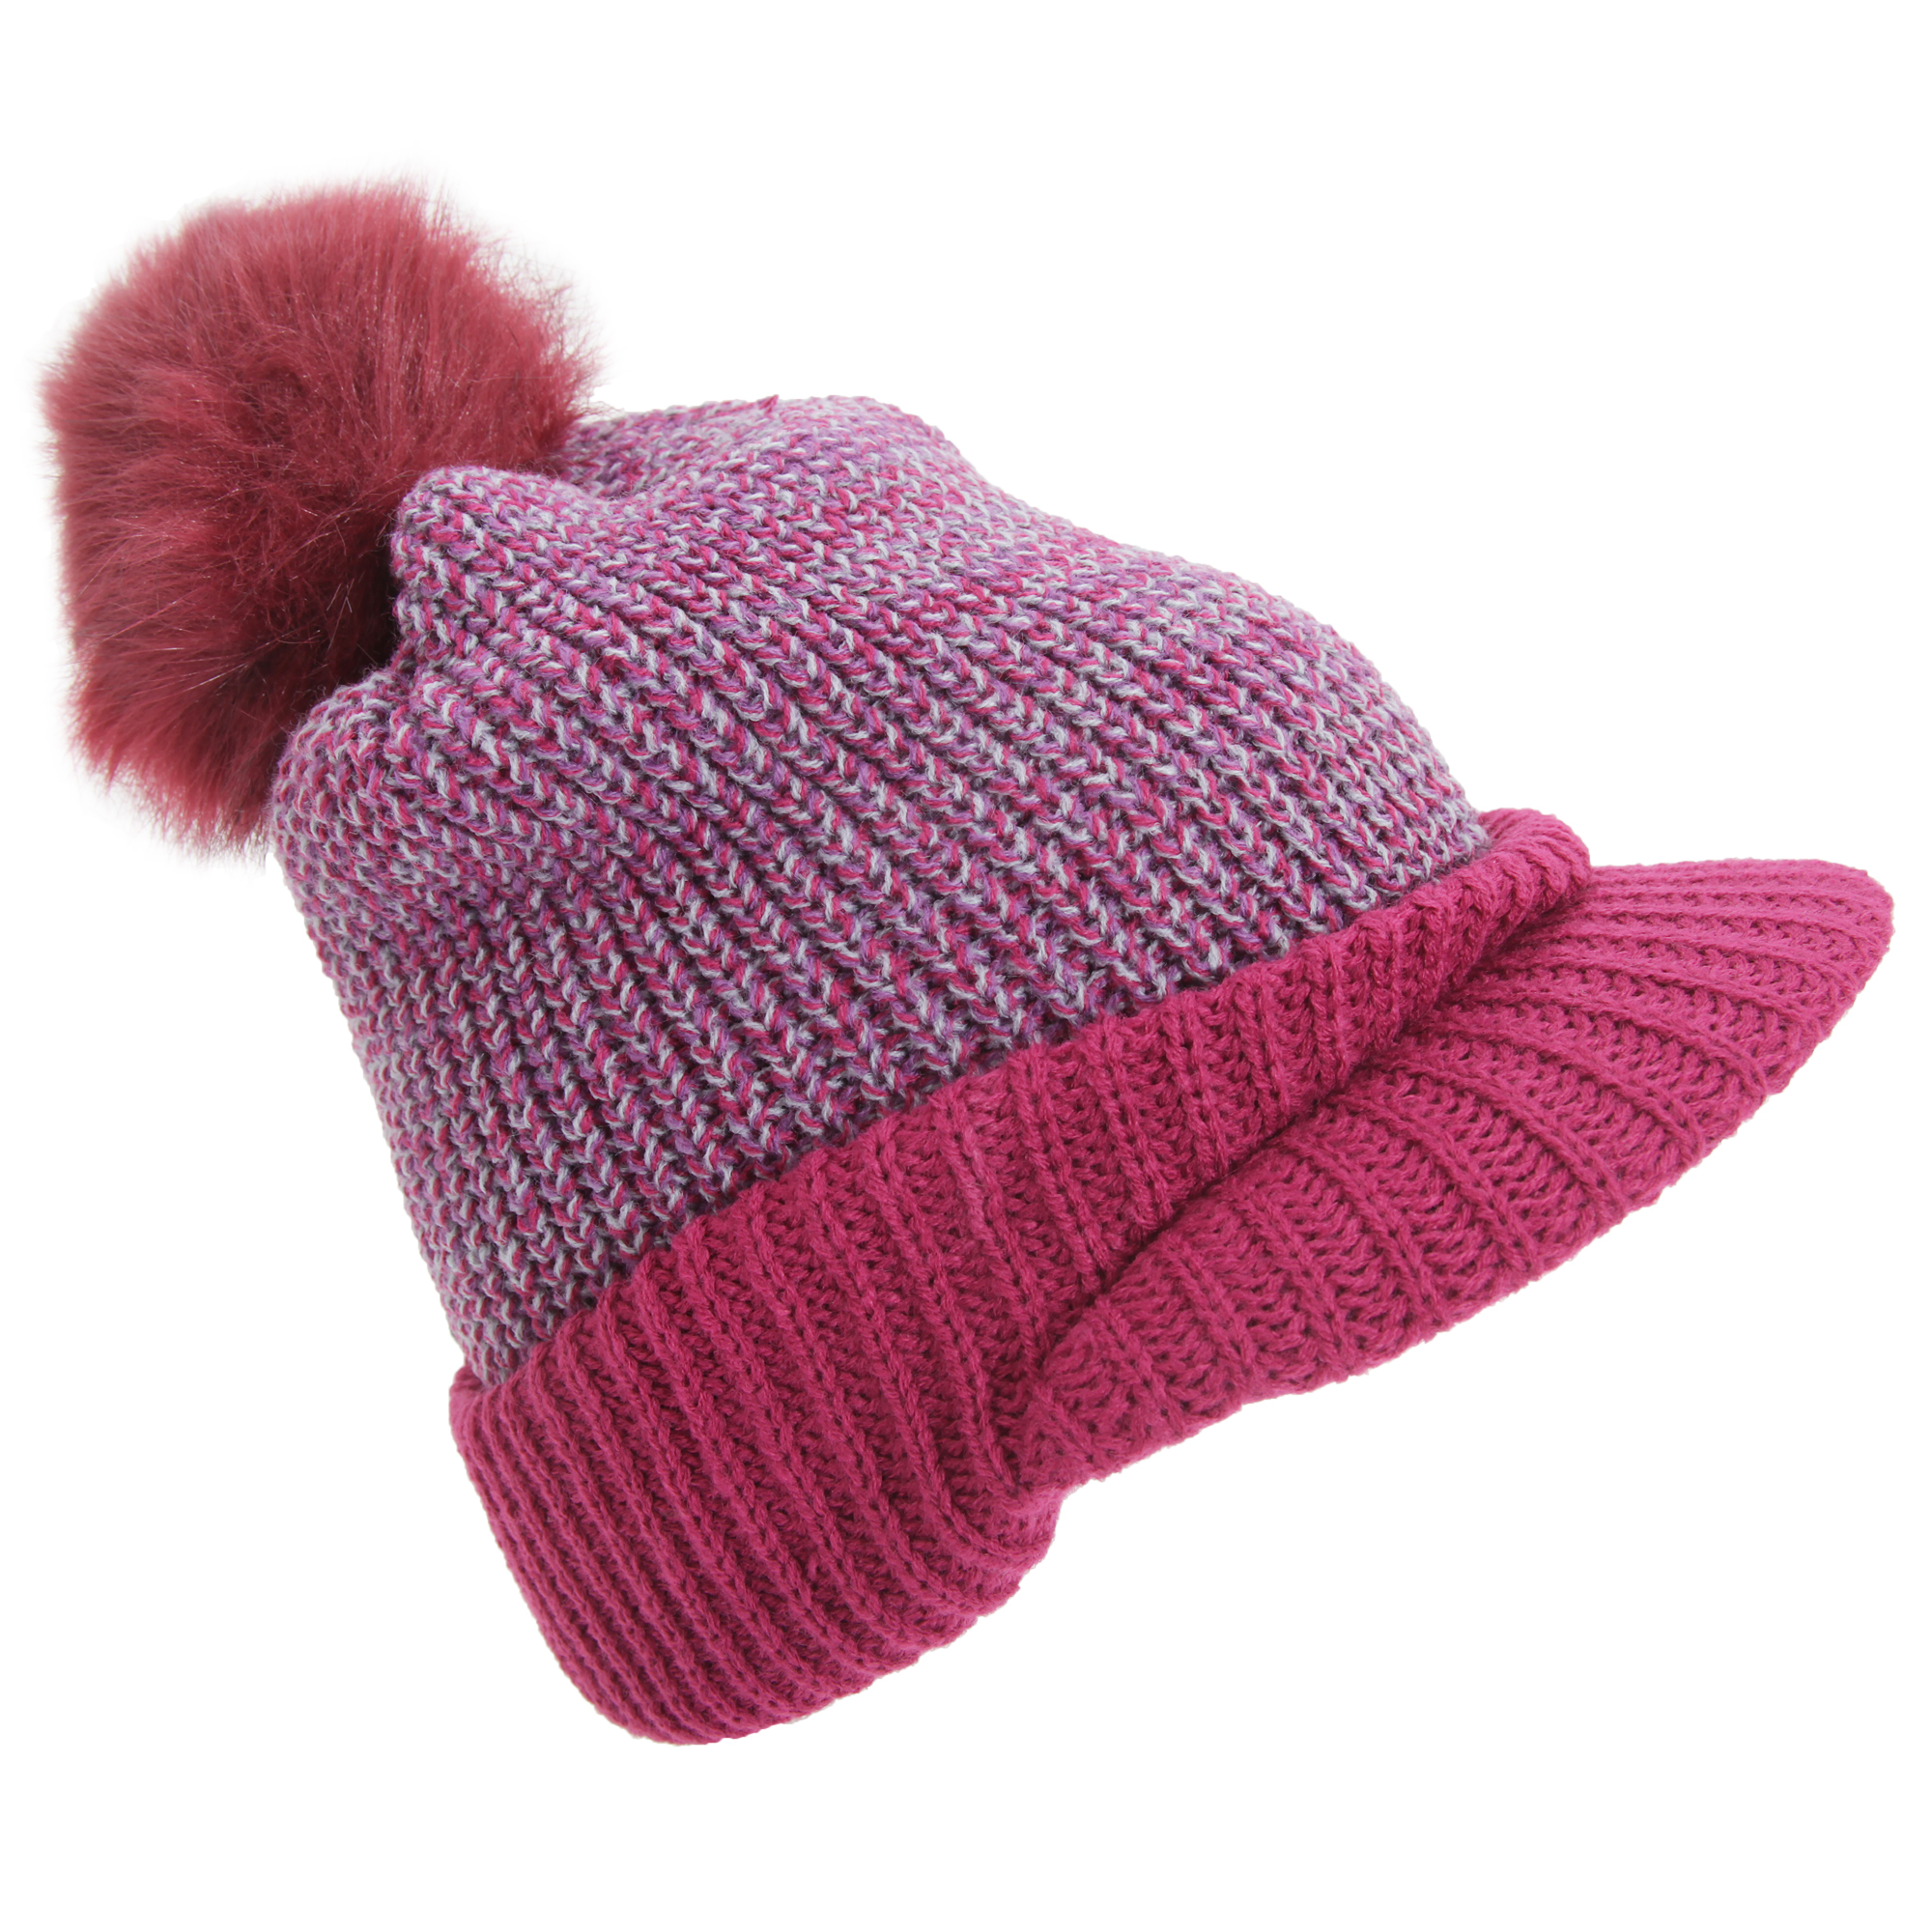 womens rockjock knitted peak hat with faux fur pom